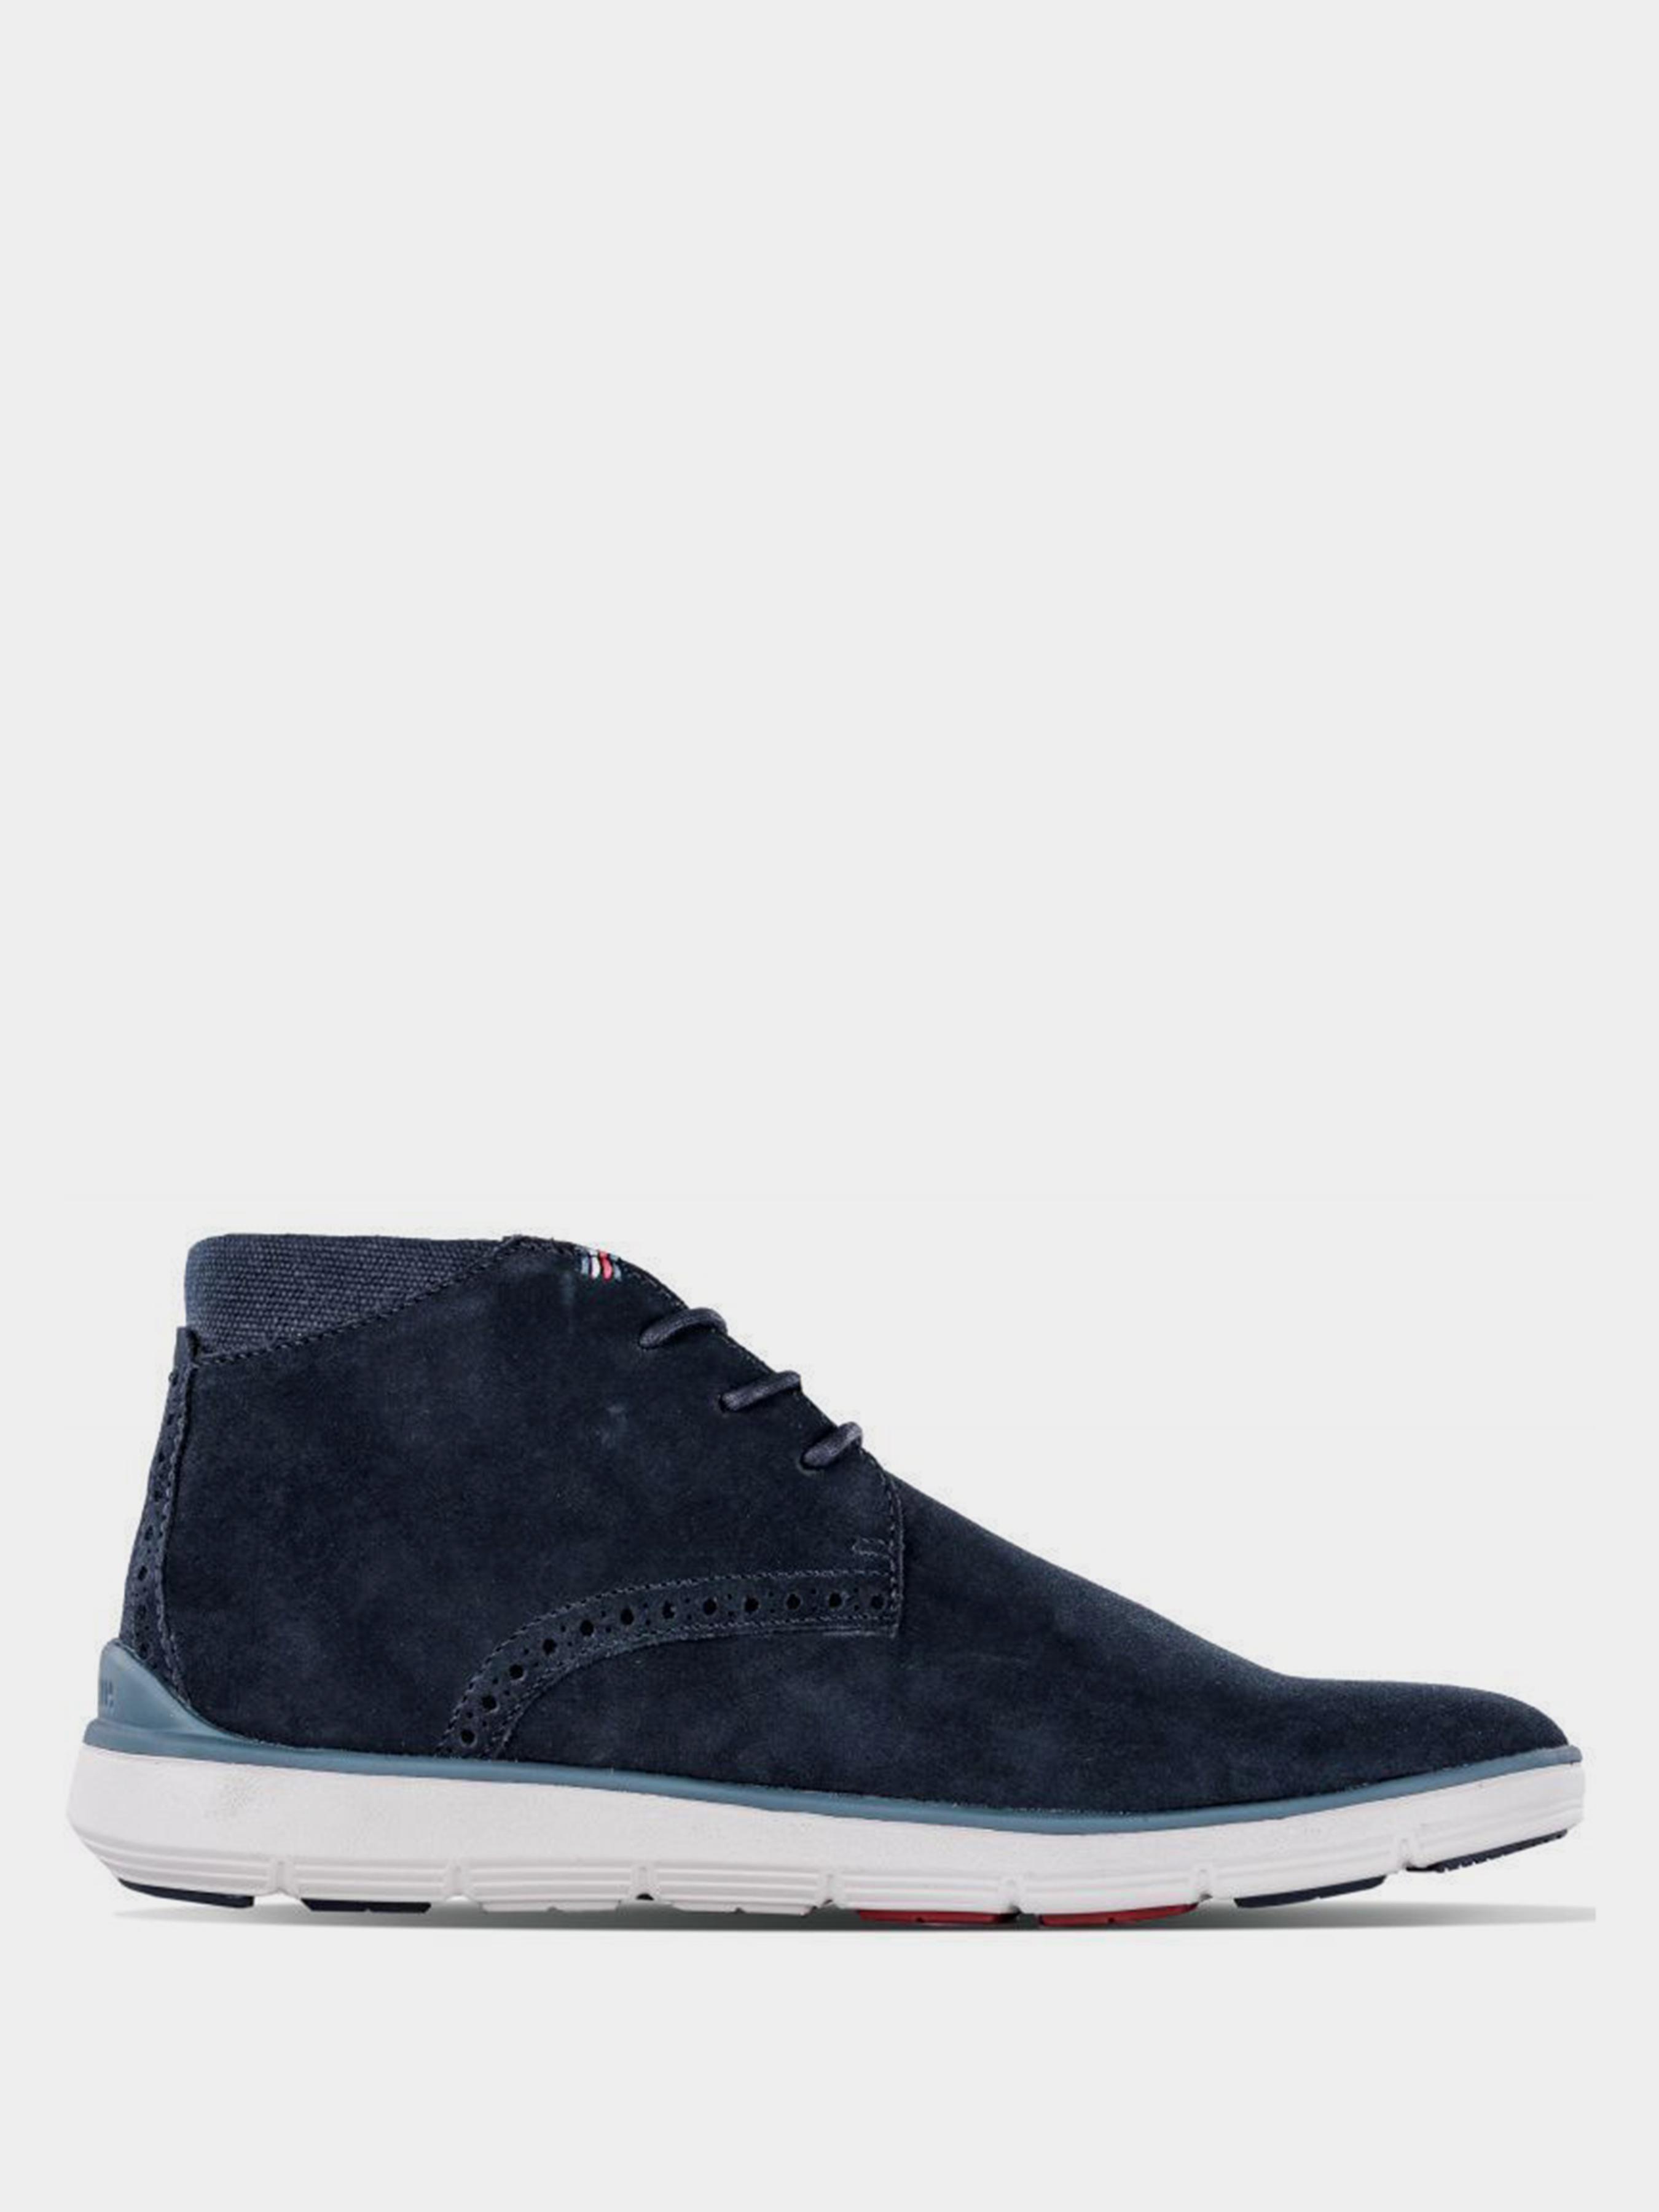 Кроссовки мужские Tommy Hilfiger TE931 модная обувь, 2017